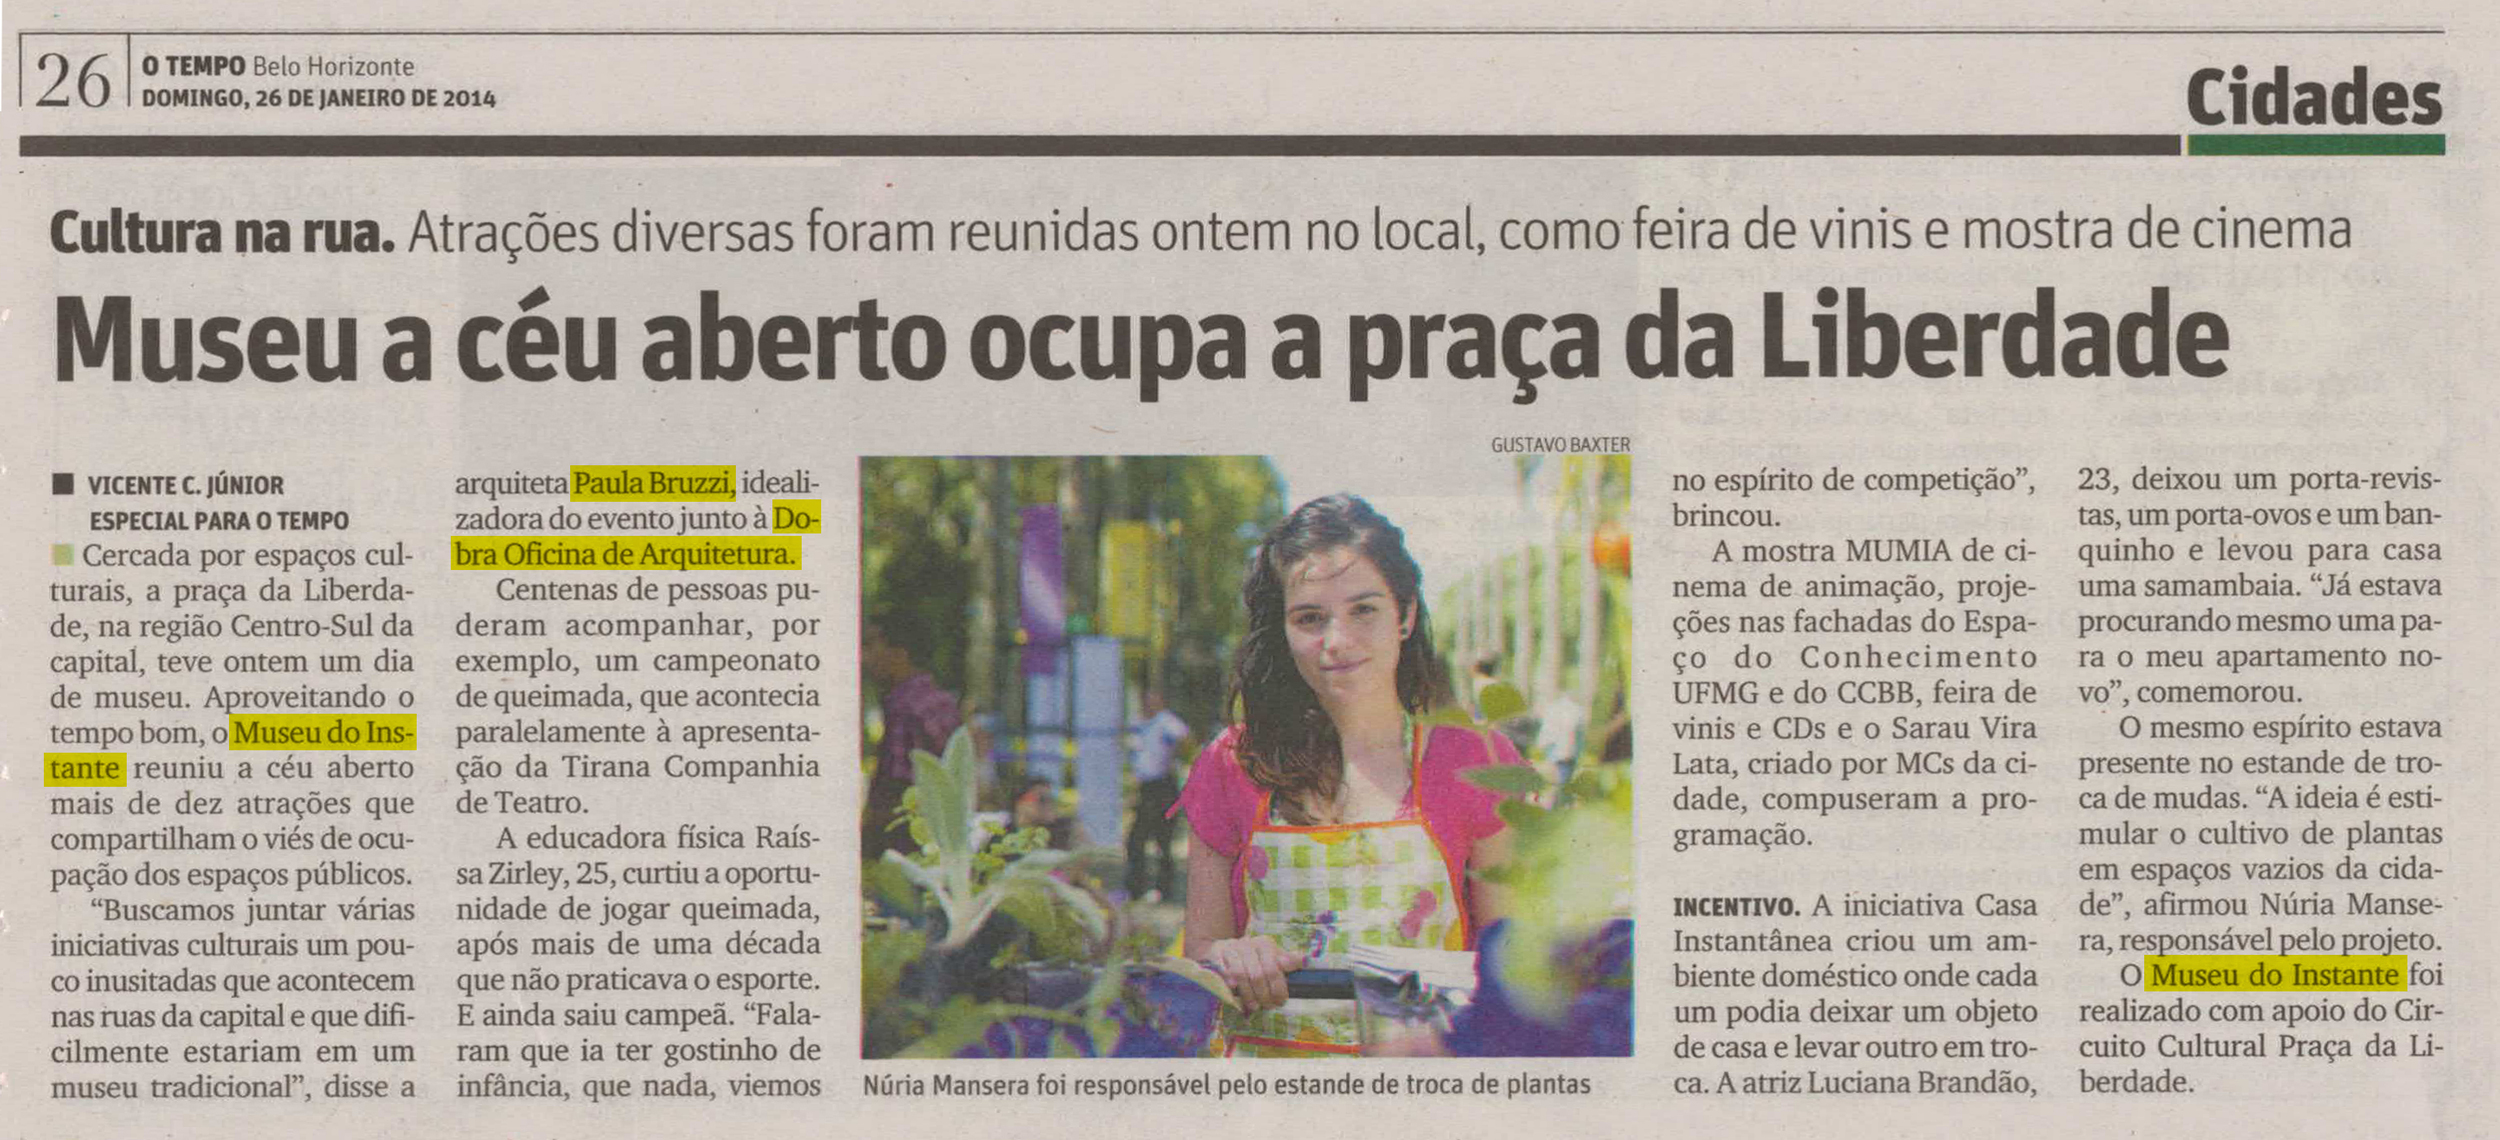 Jornal O Tempo, Belo Horizonte, 26 de janeiro de 2014